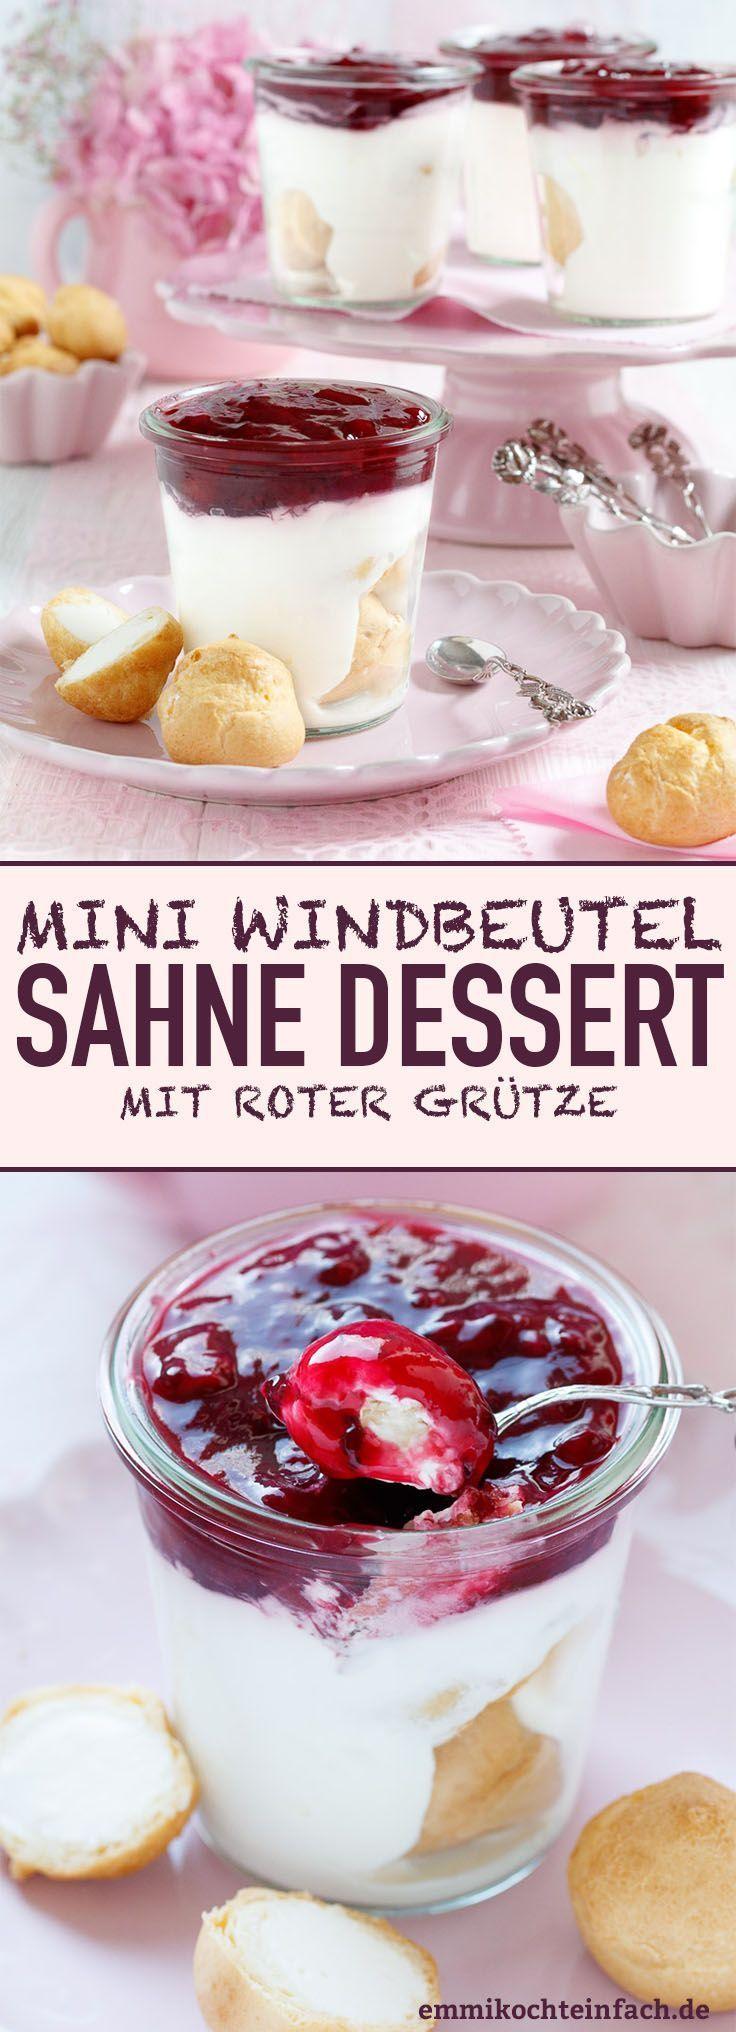 Mini-Windbeutel Sahnedessert mit roter Grütze #creamdesserts